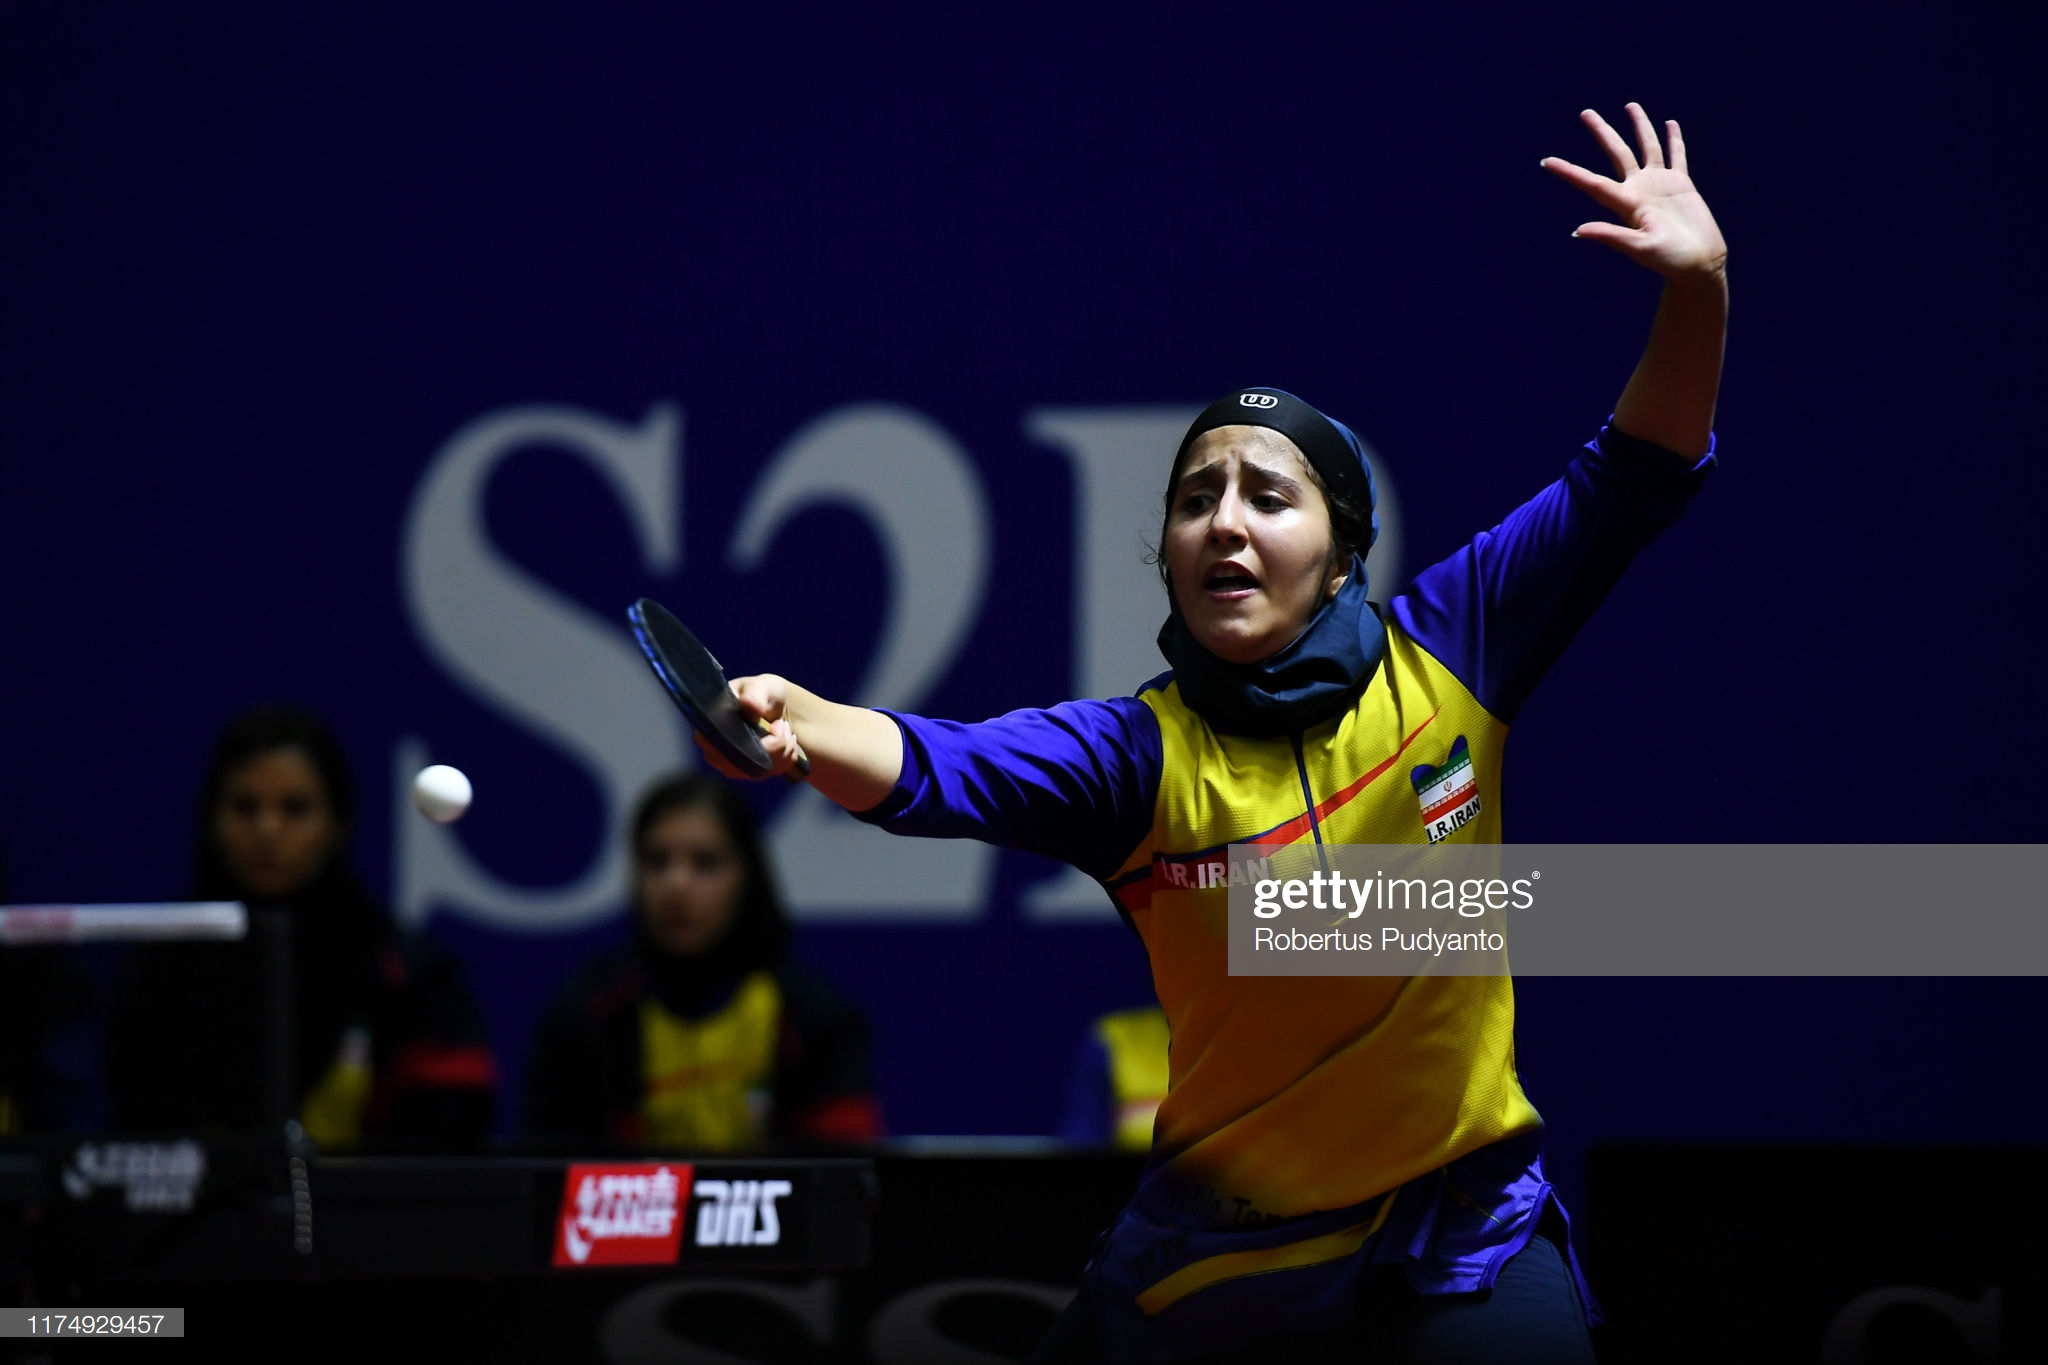 گزارش تصویری | فاطمه جمالی فر در مسابقات تنیس روی میز قهرمانی آسیا